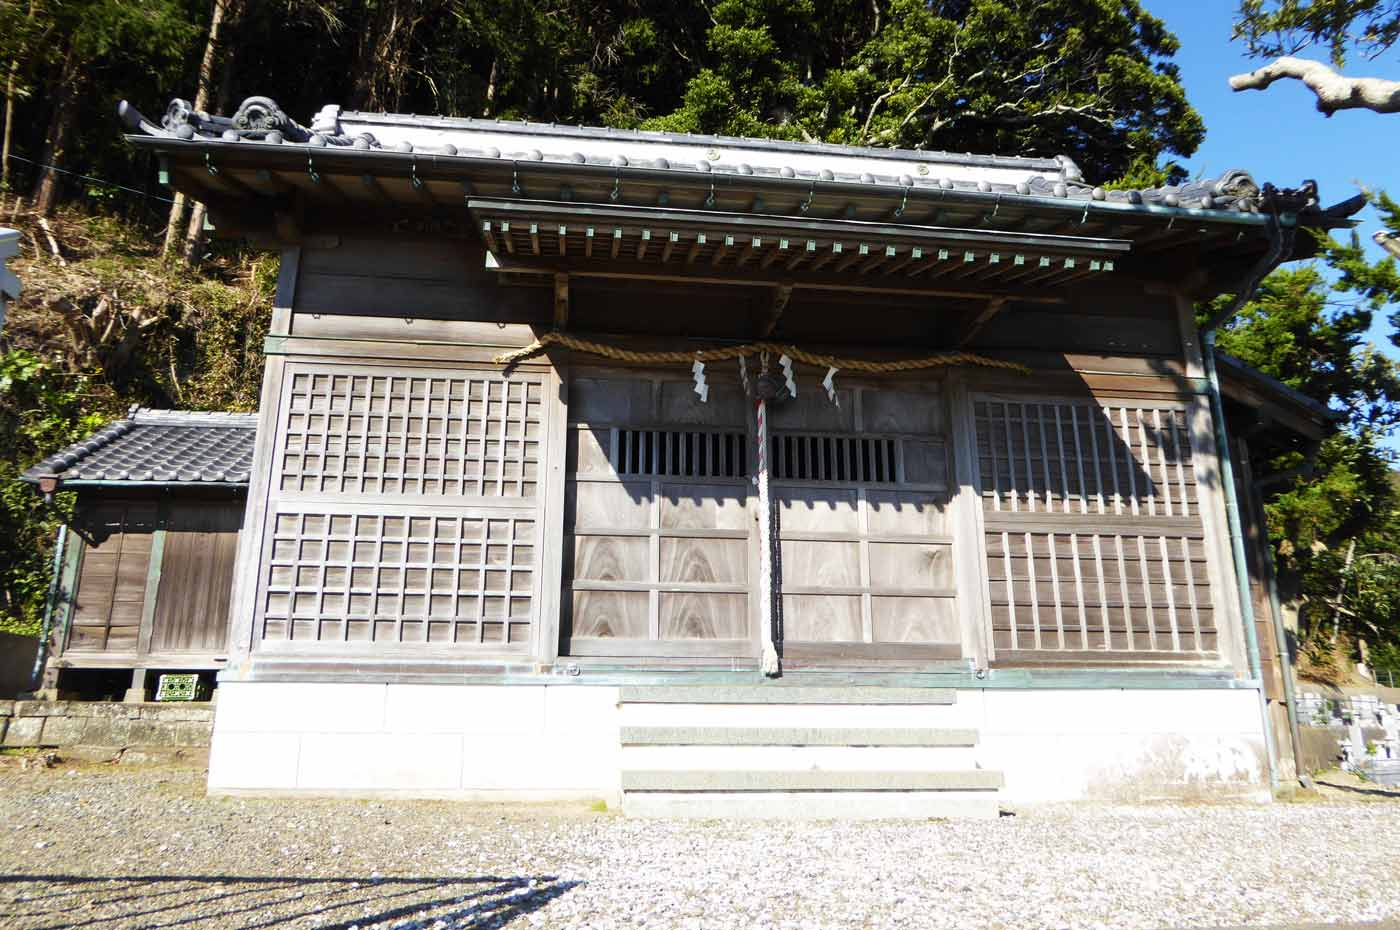 若宮八幡神社拝殿の画像